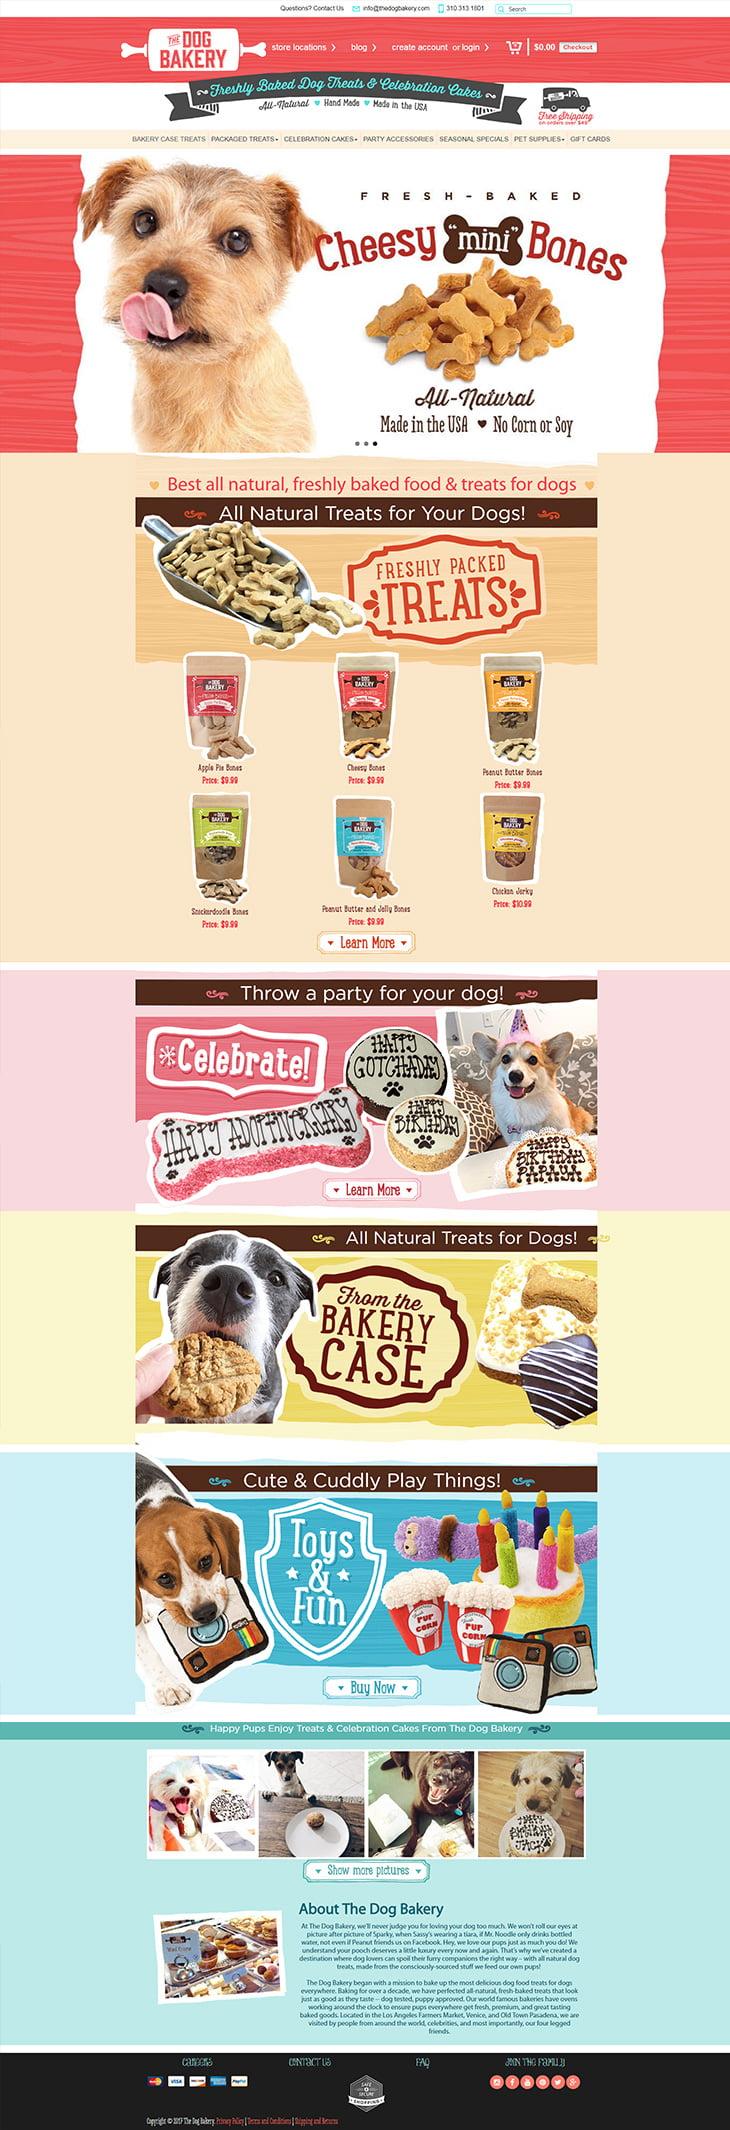 The Dog Bakery Portfolio – Shopify